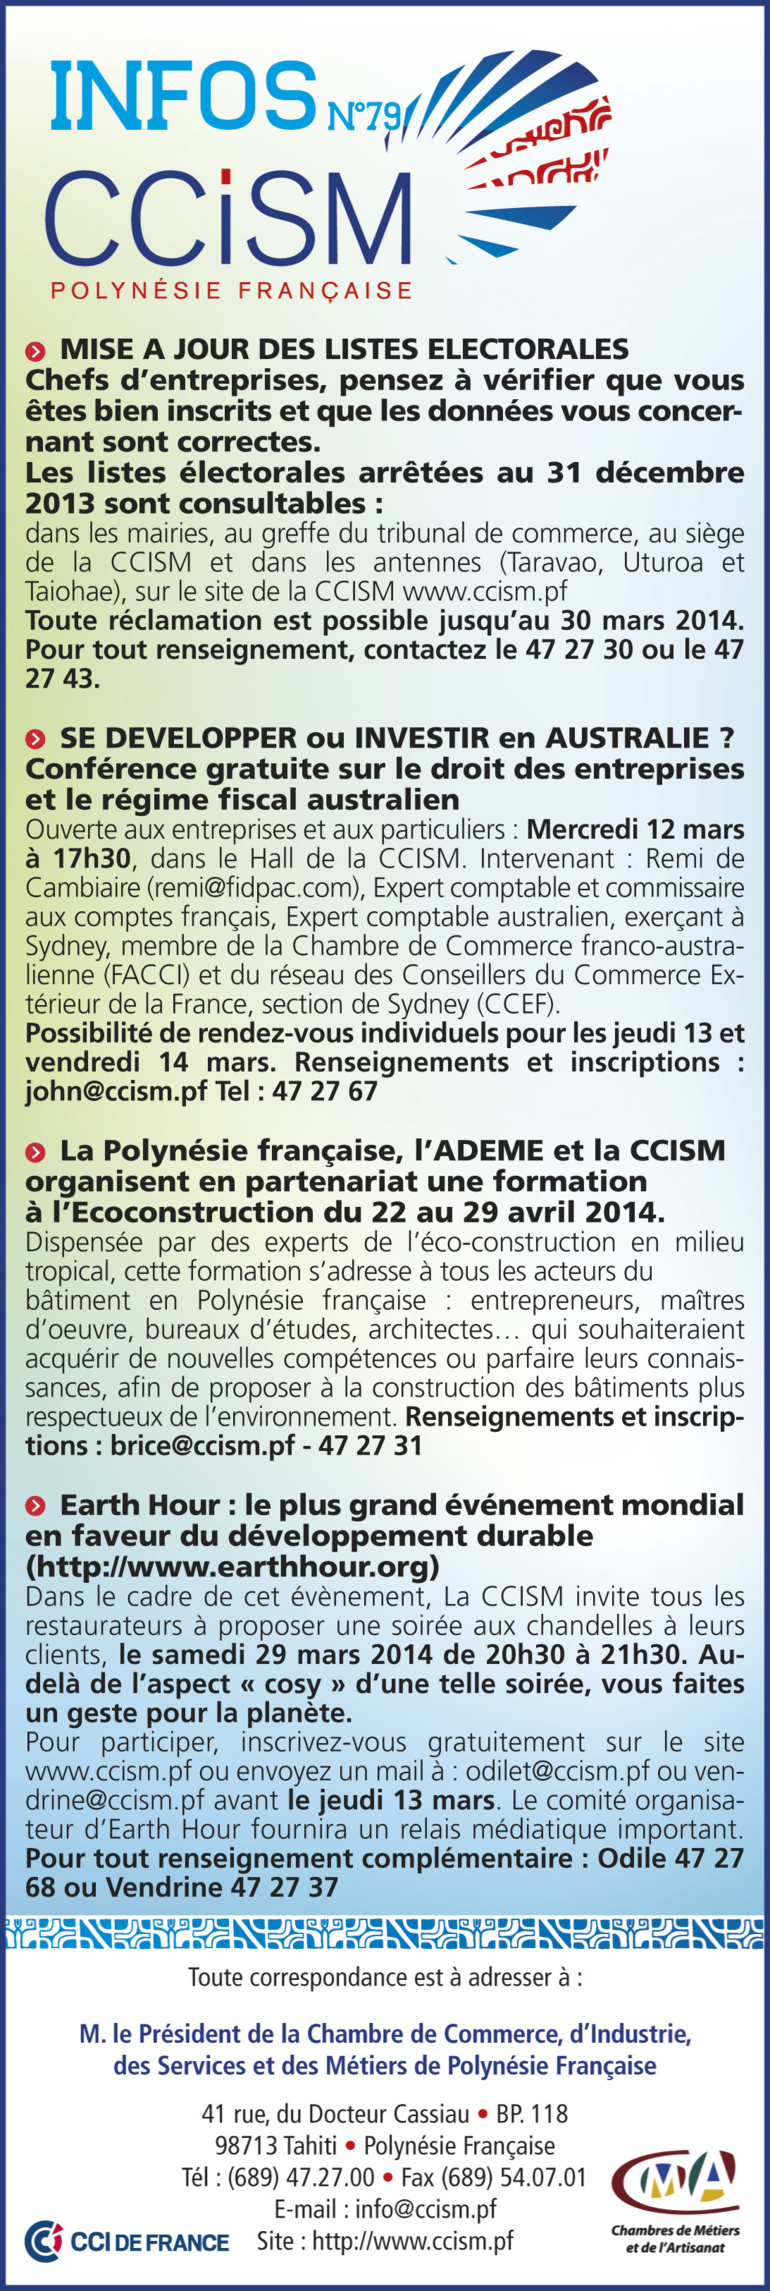 Infos CCISM N°79